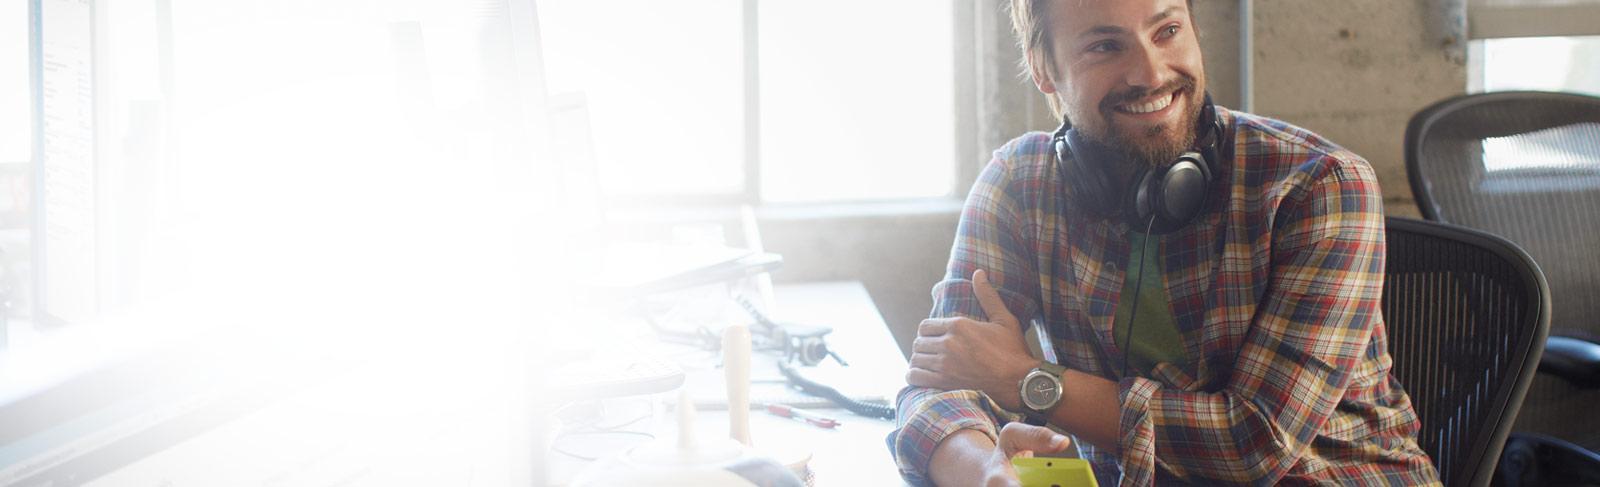 Moški za mizo v rokah drži telefon in uporablja Office 365 Enterprise E1.